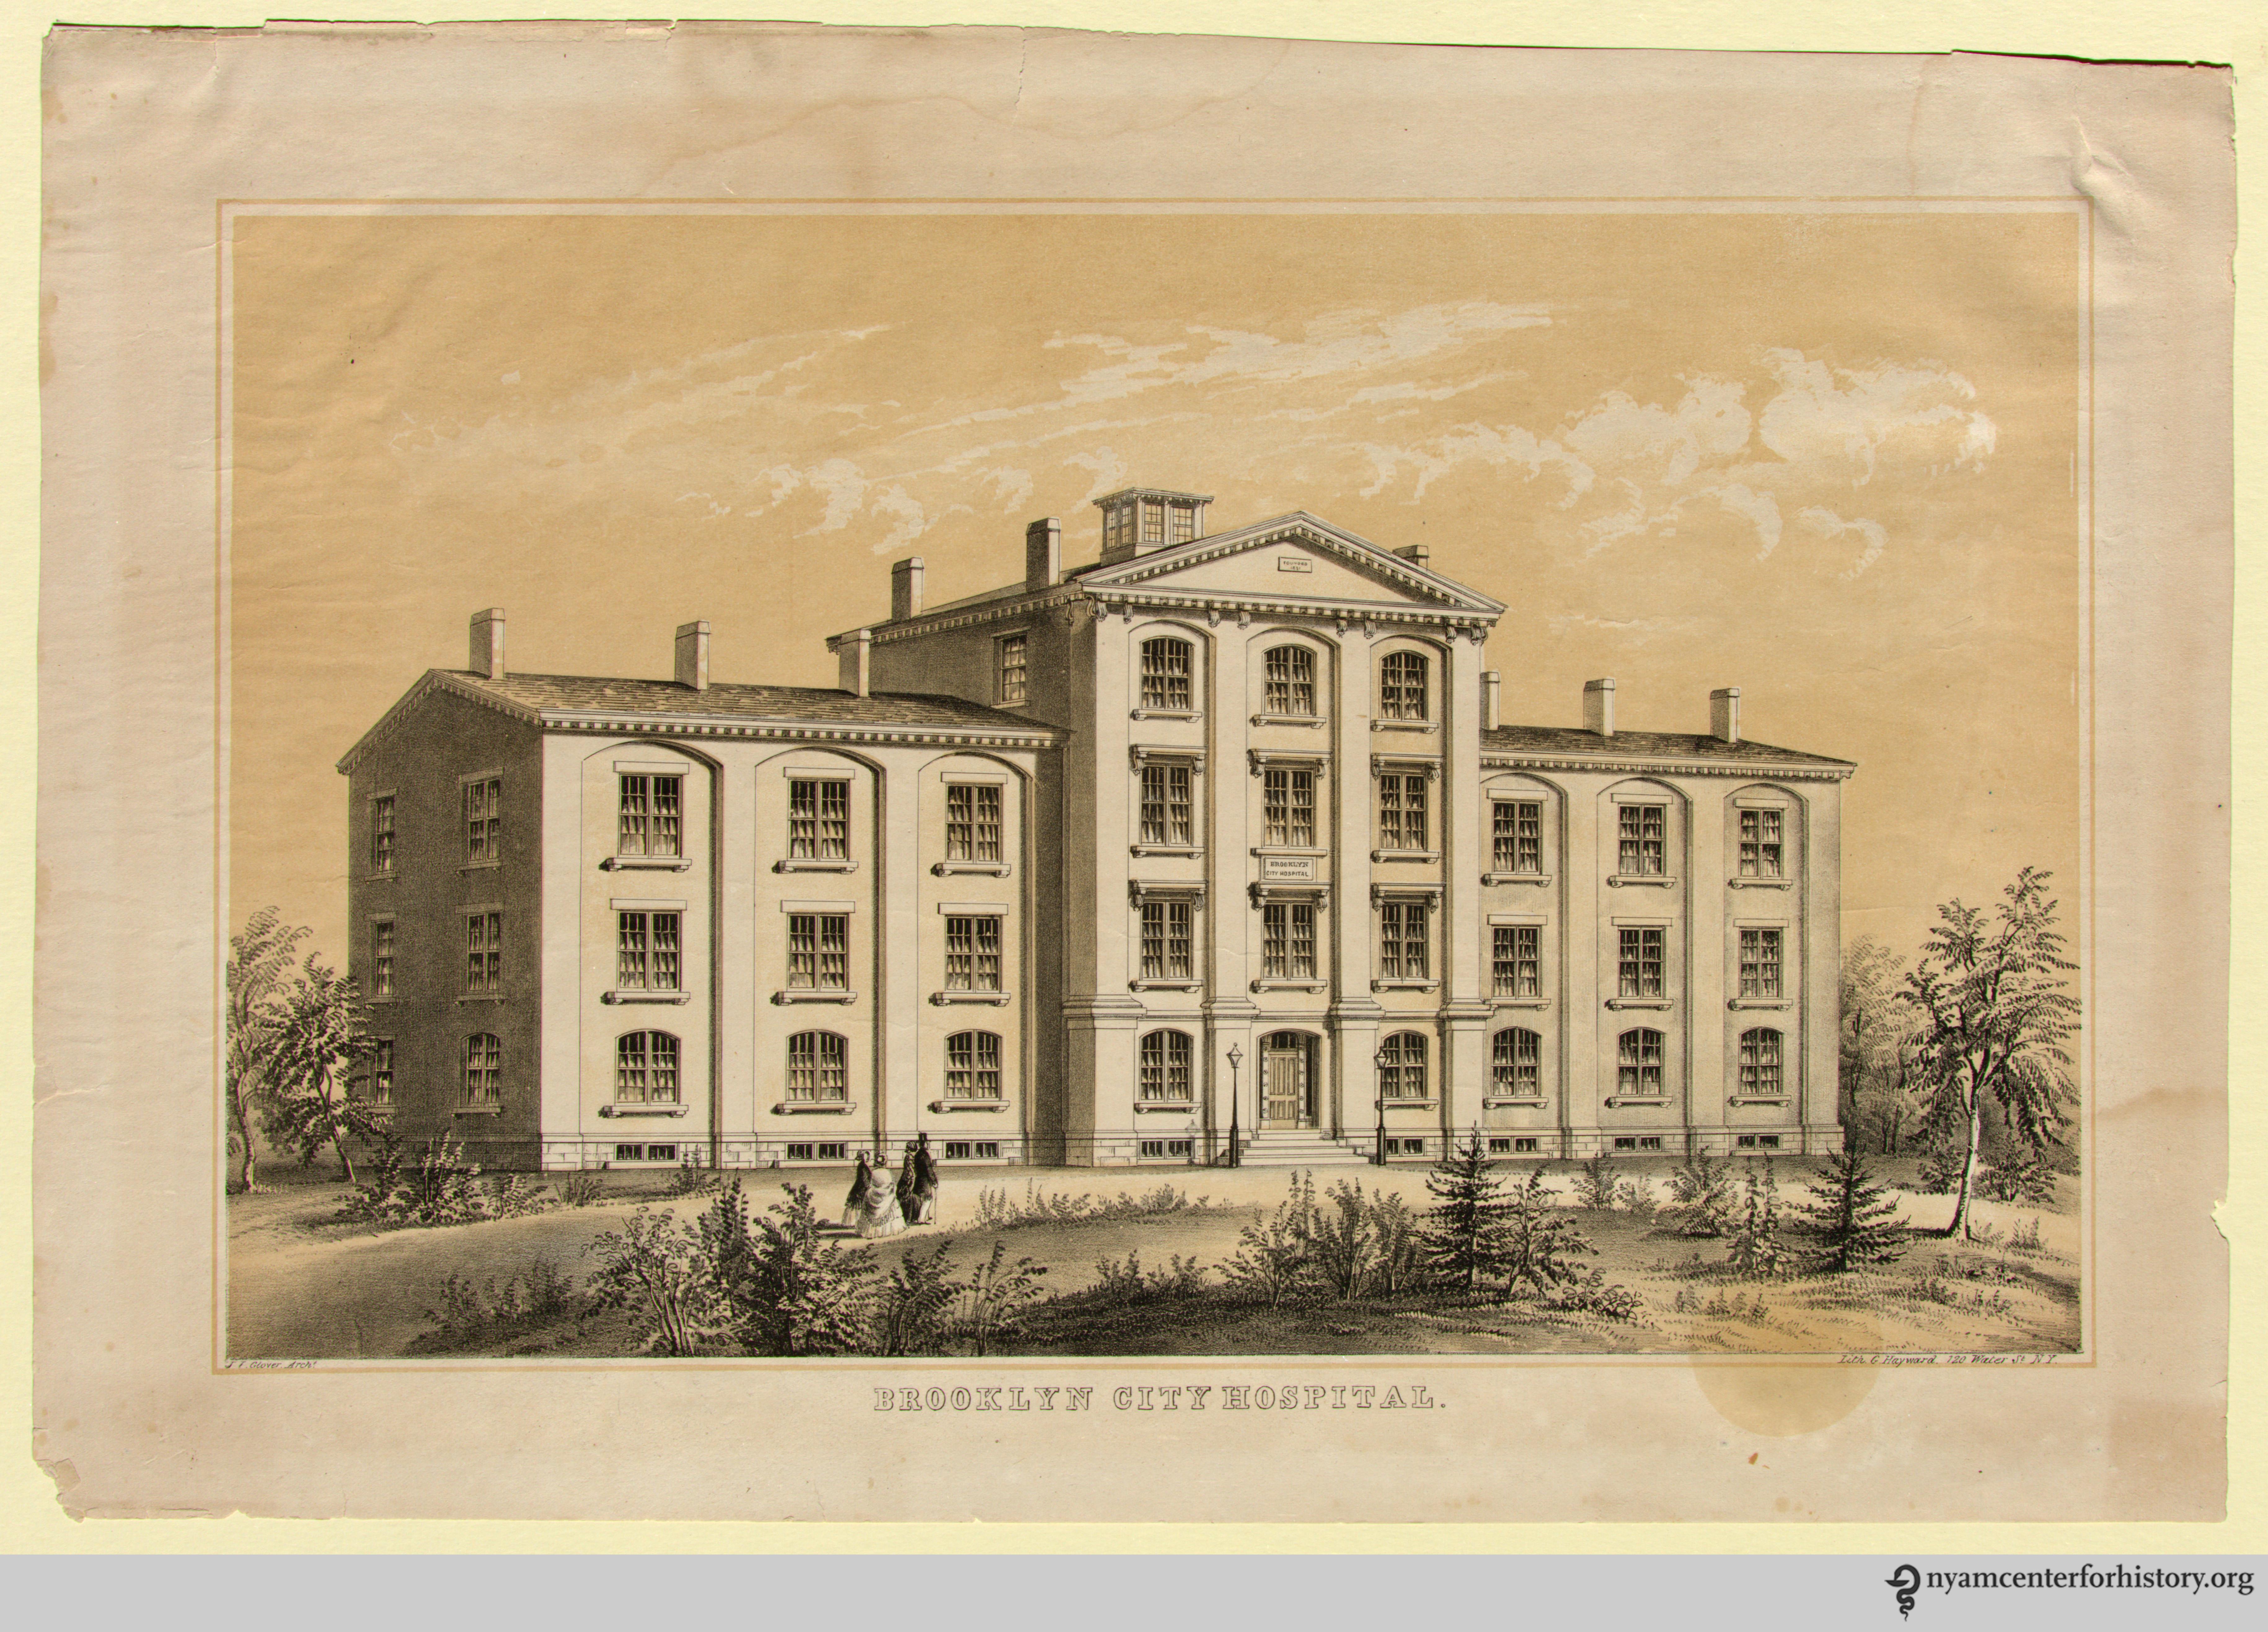 Brooklyn City Hospital